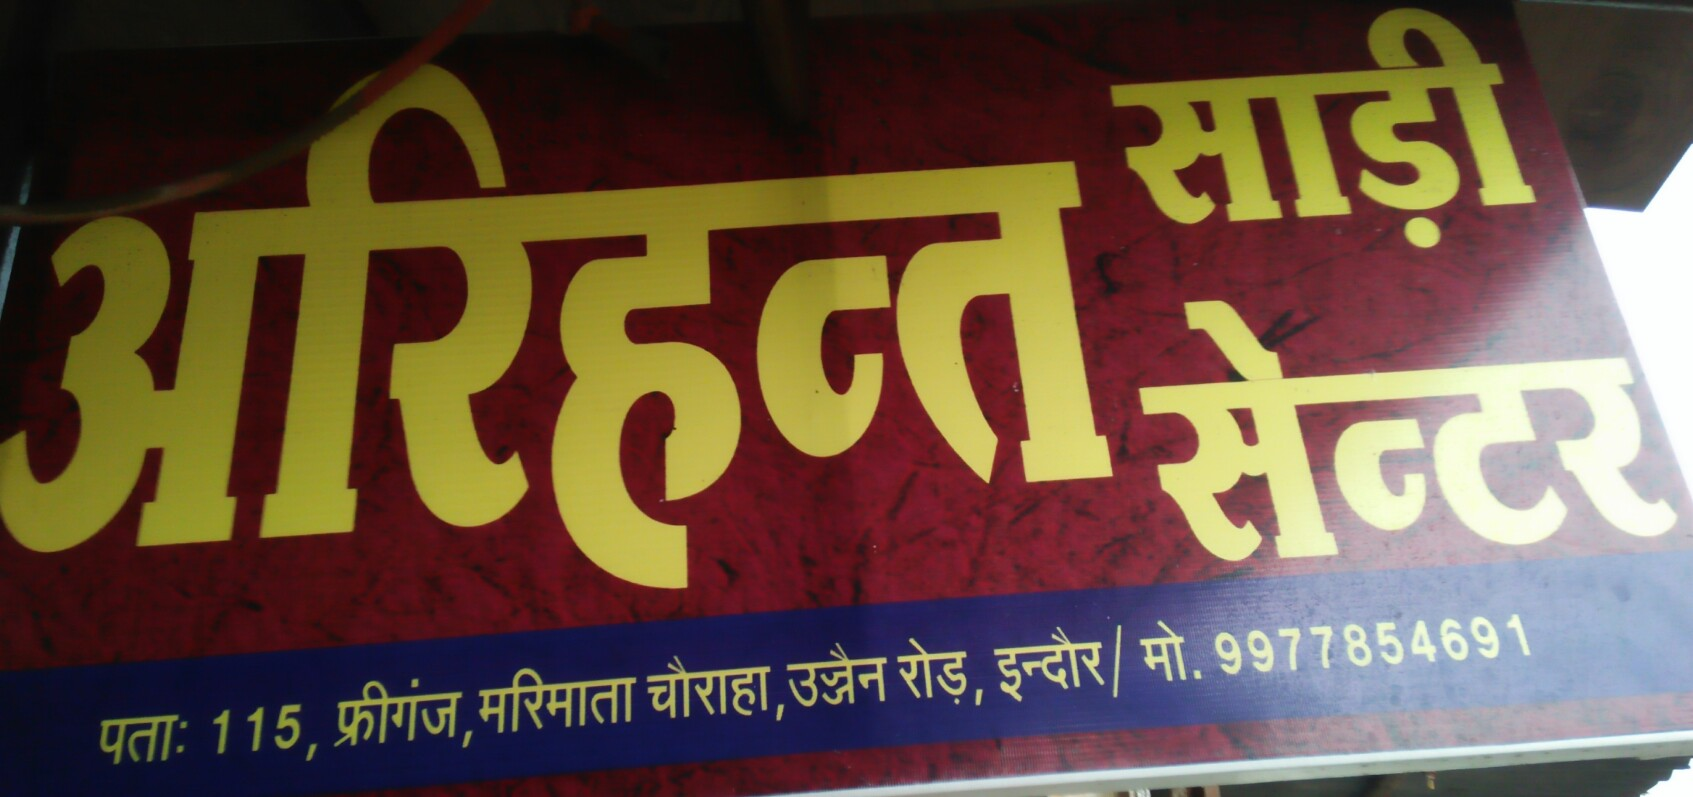 Arihant Saree Center